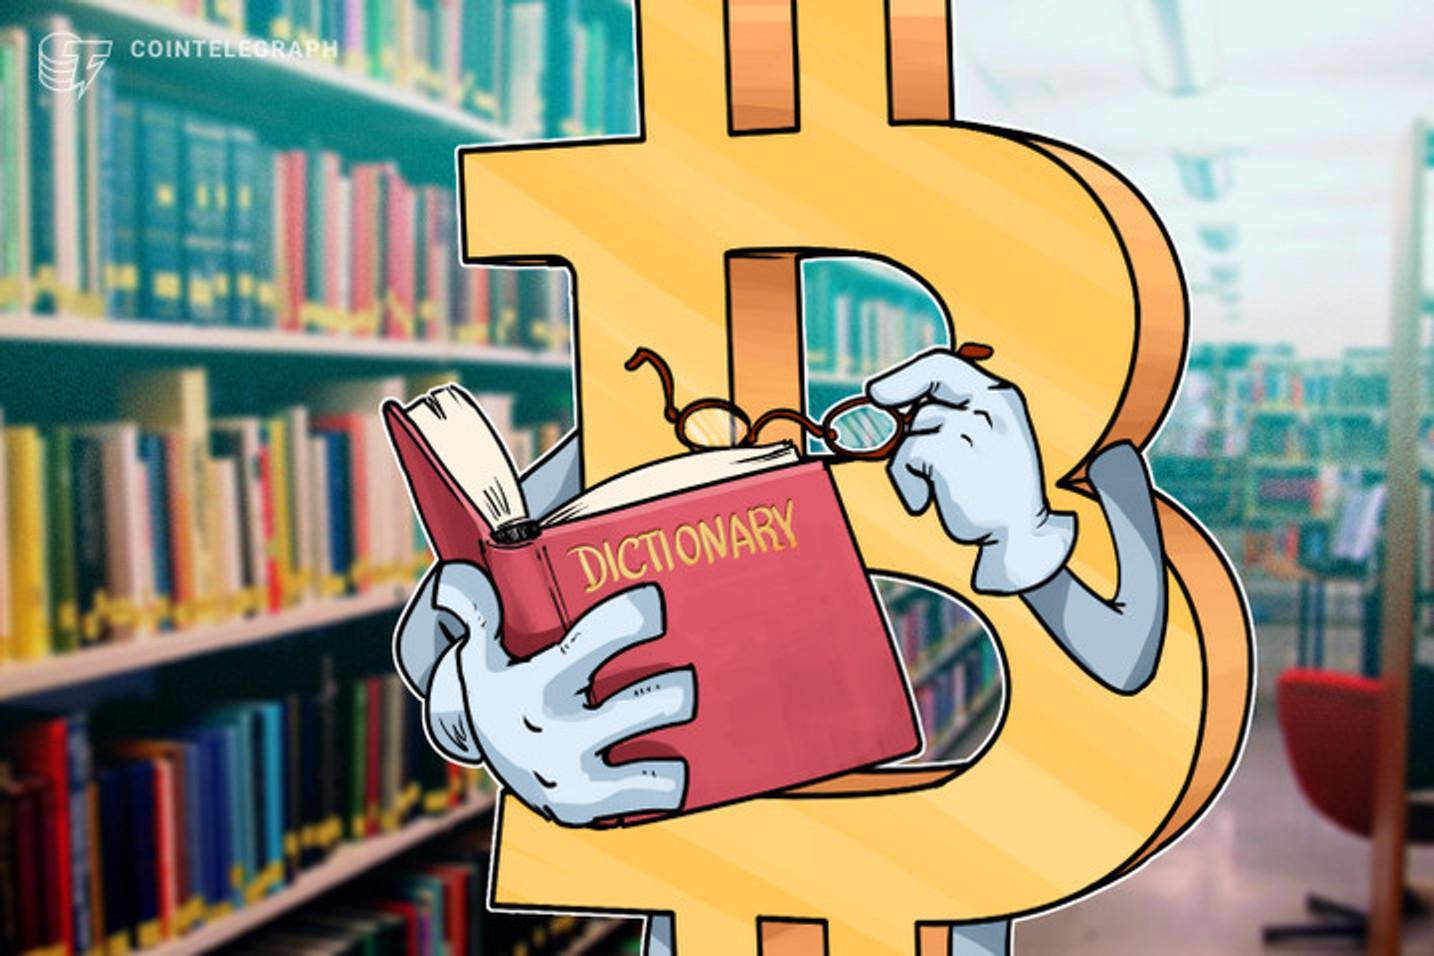 La Real Academia Española twitteó sobre la palabra bitcoin y dijo que lleva tilde